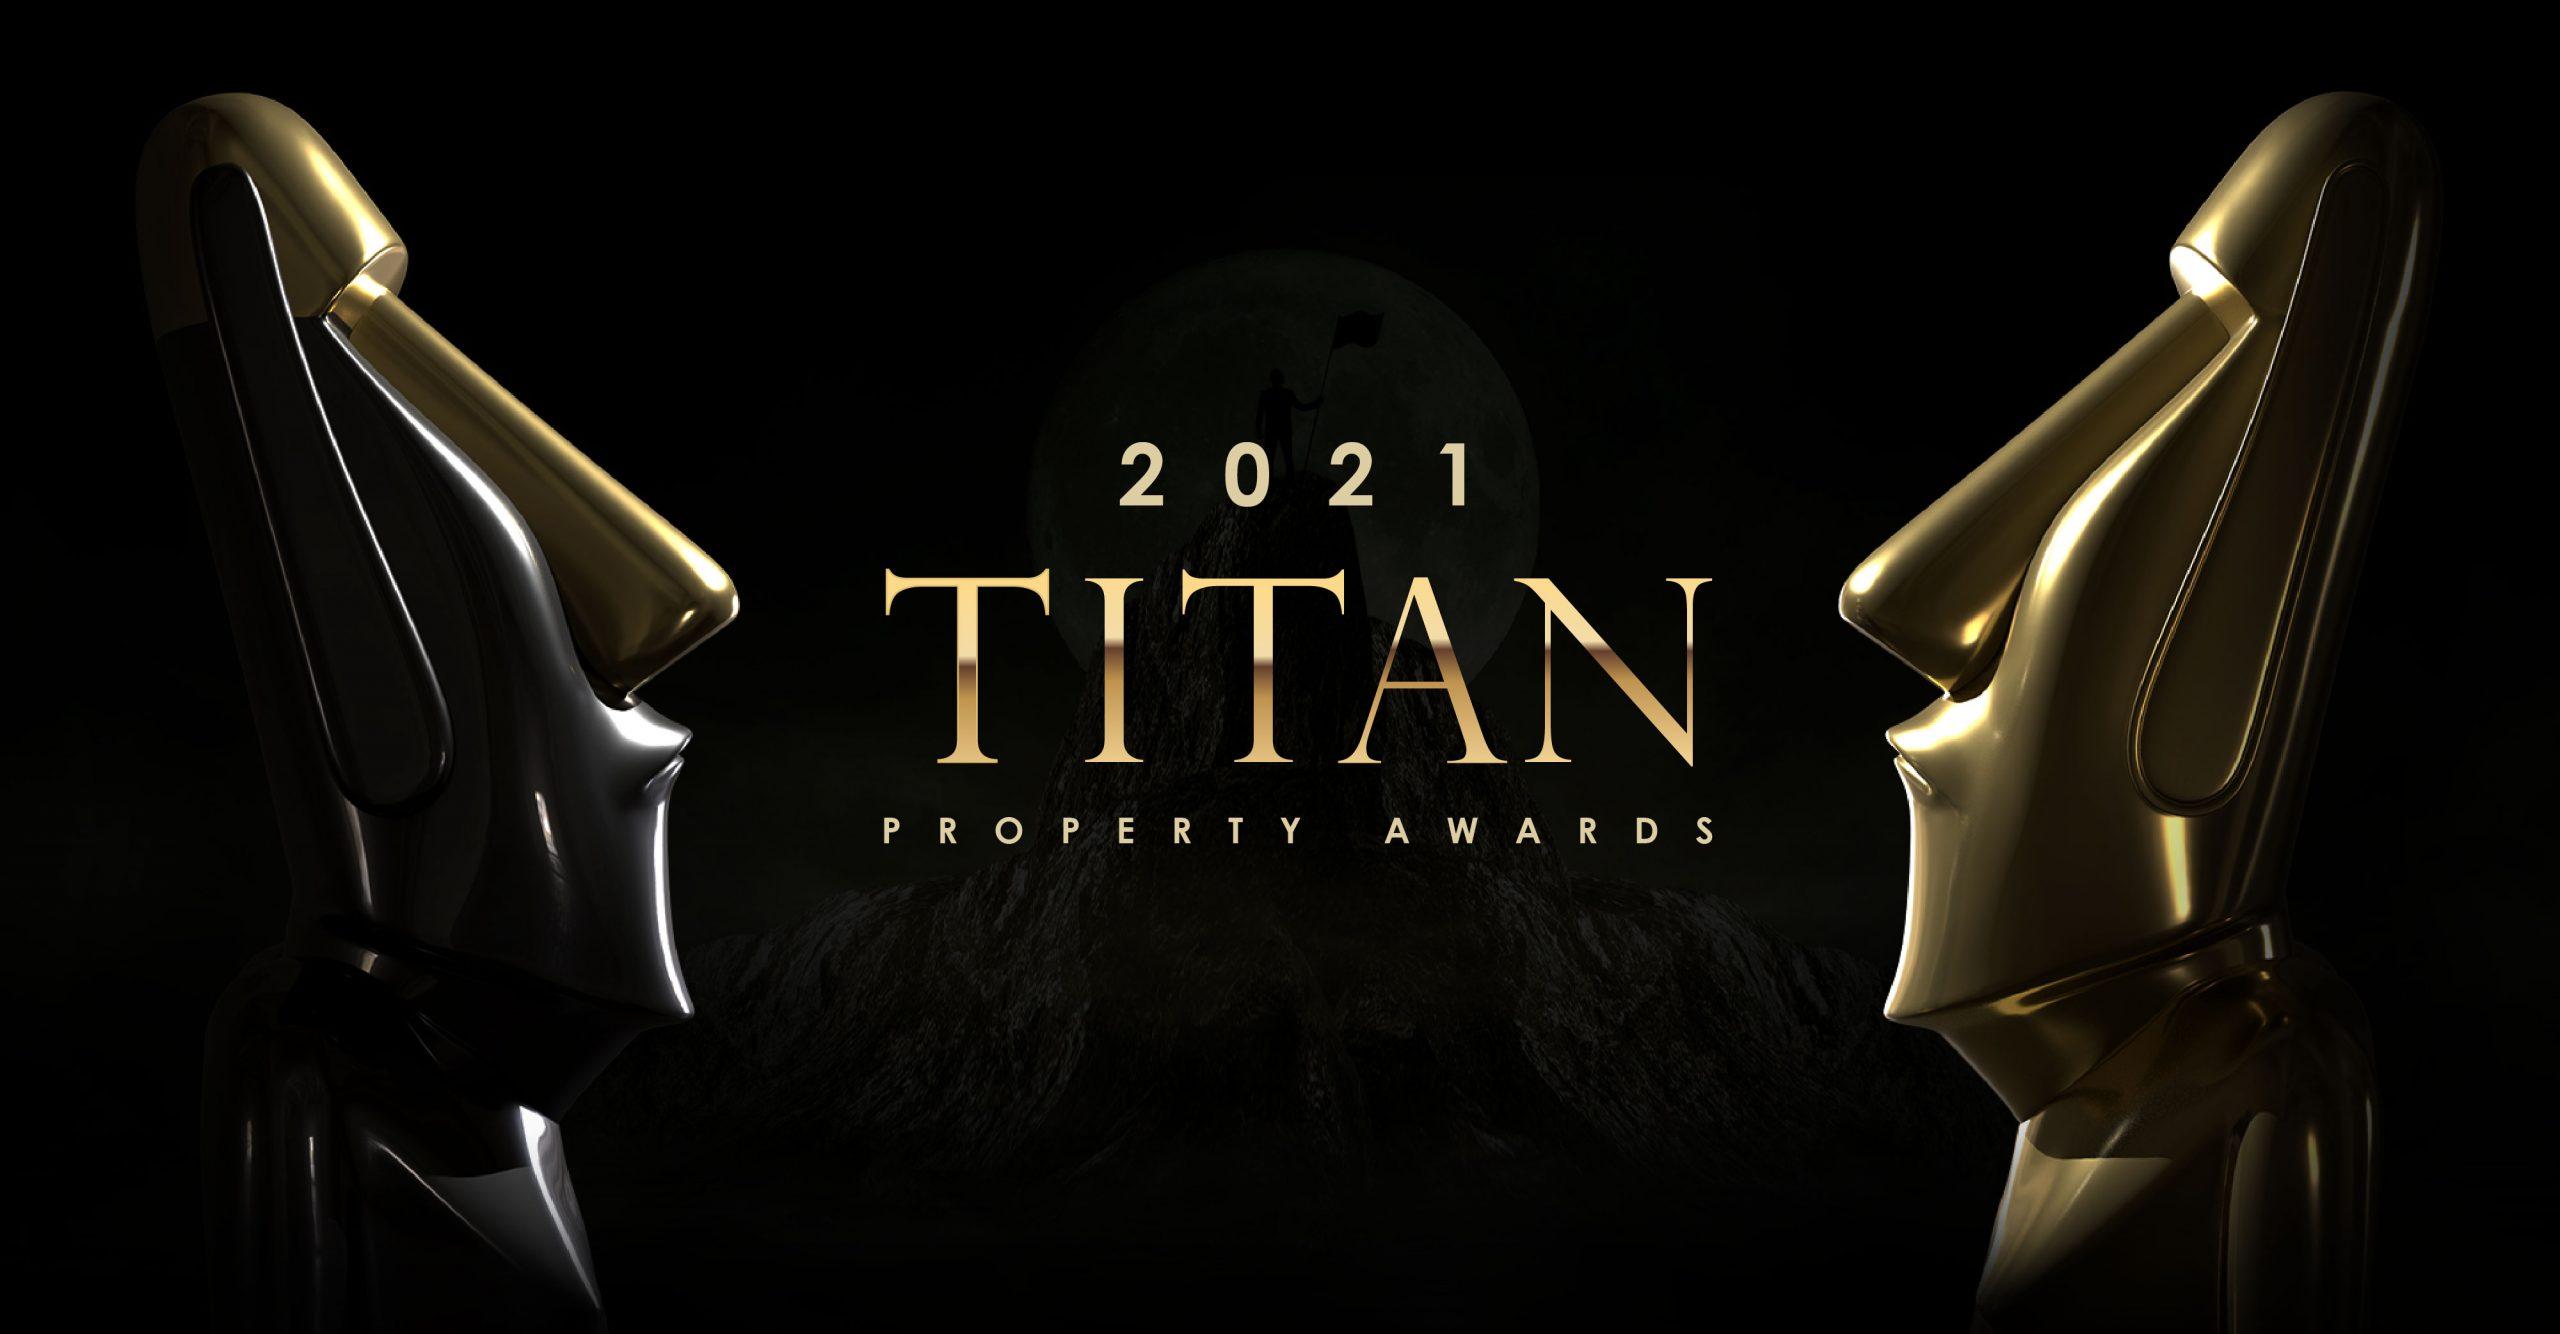 TITAN Property Awards